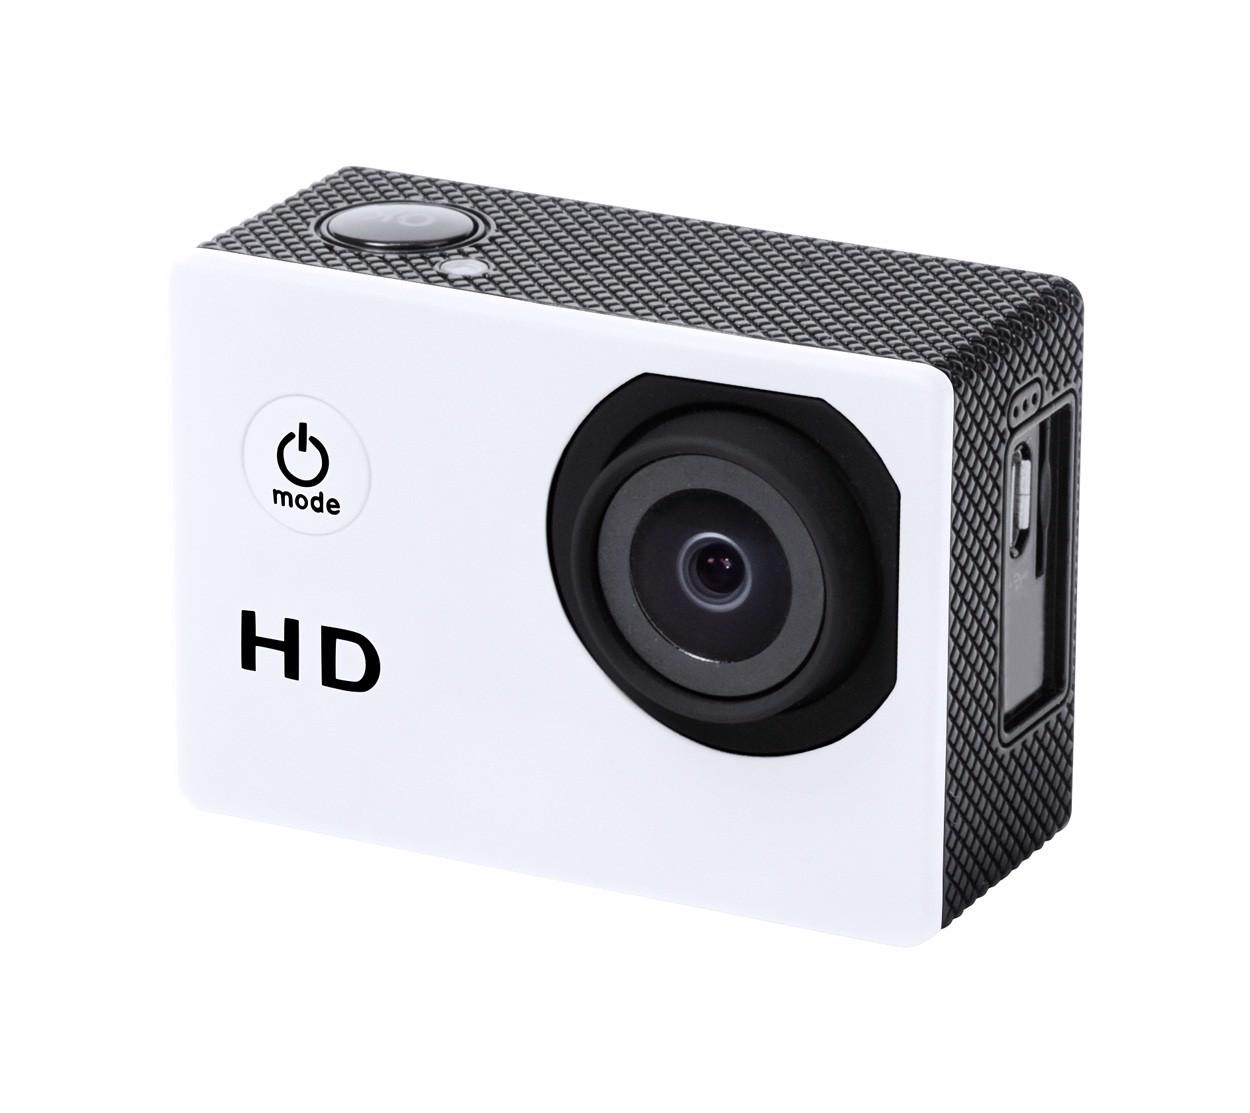 Sportovní Kamera Komir - Bílá / Černá